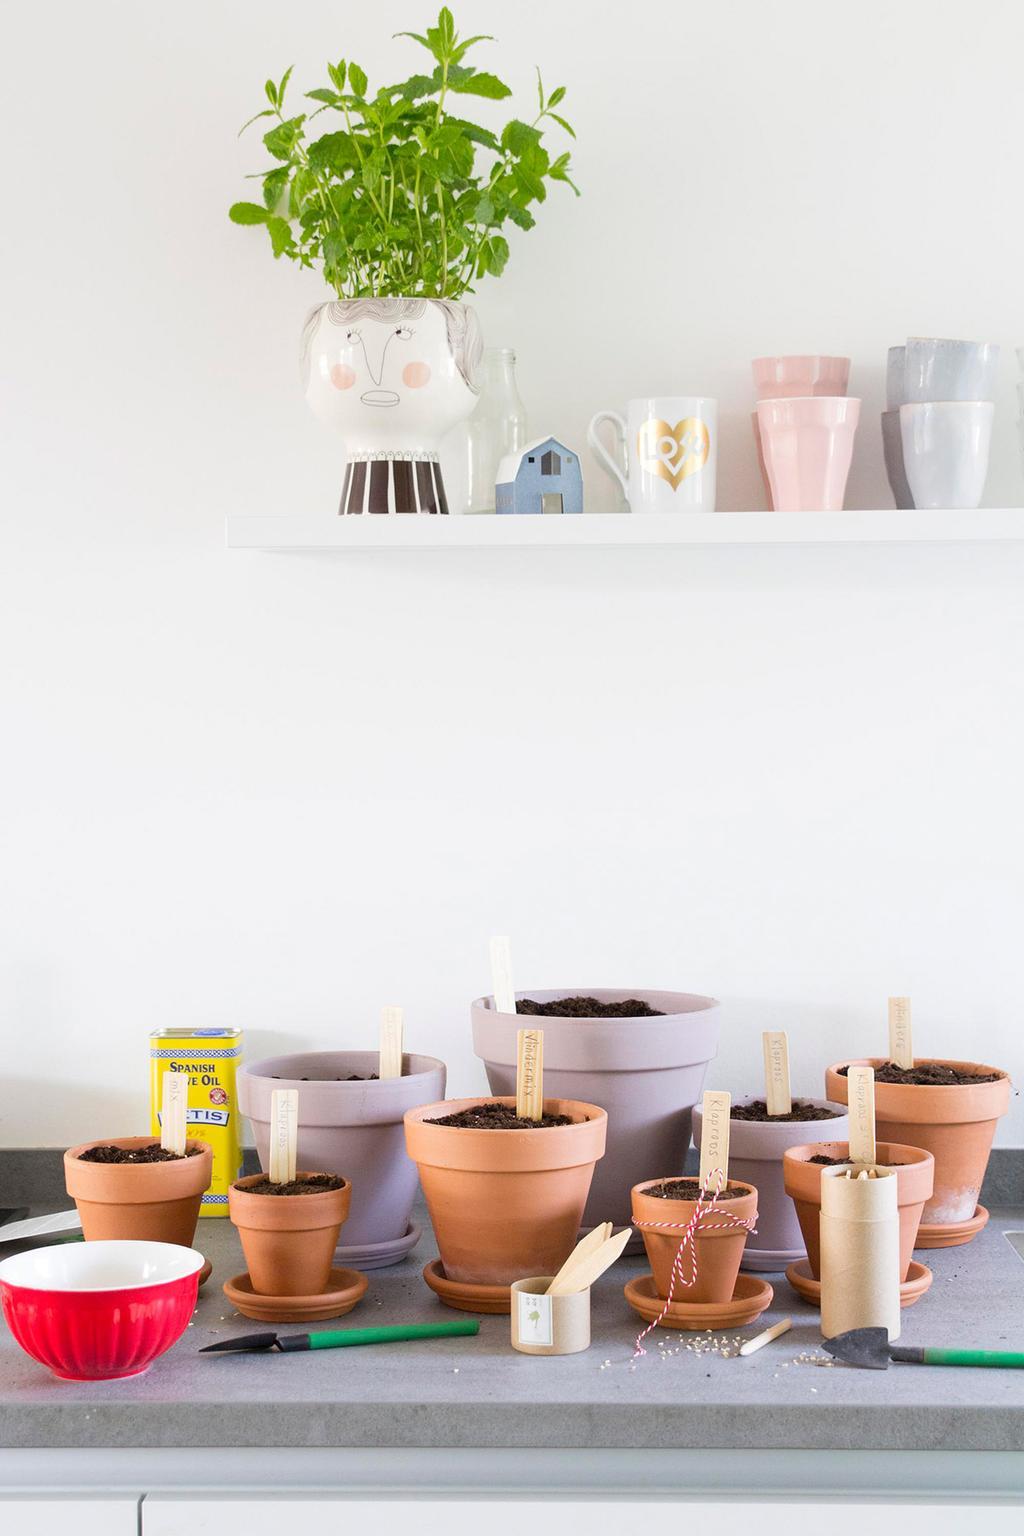 Bloemen voor een pluktuin voorzaaien in terracotta bloempotten